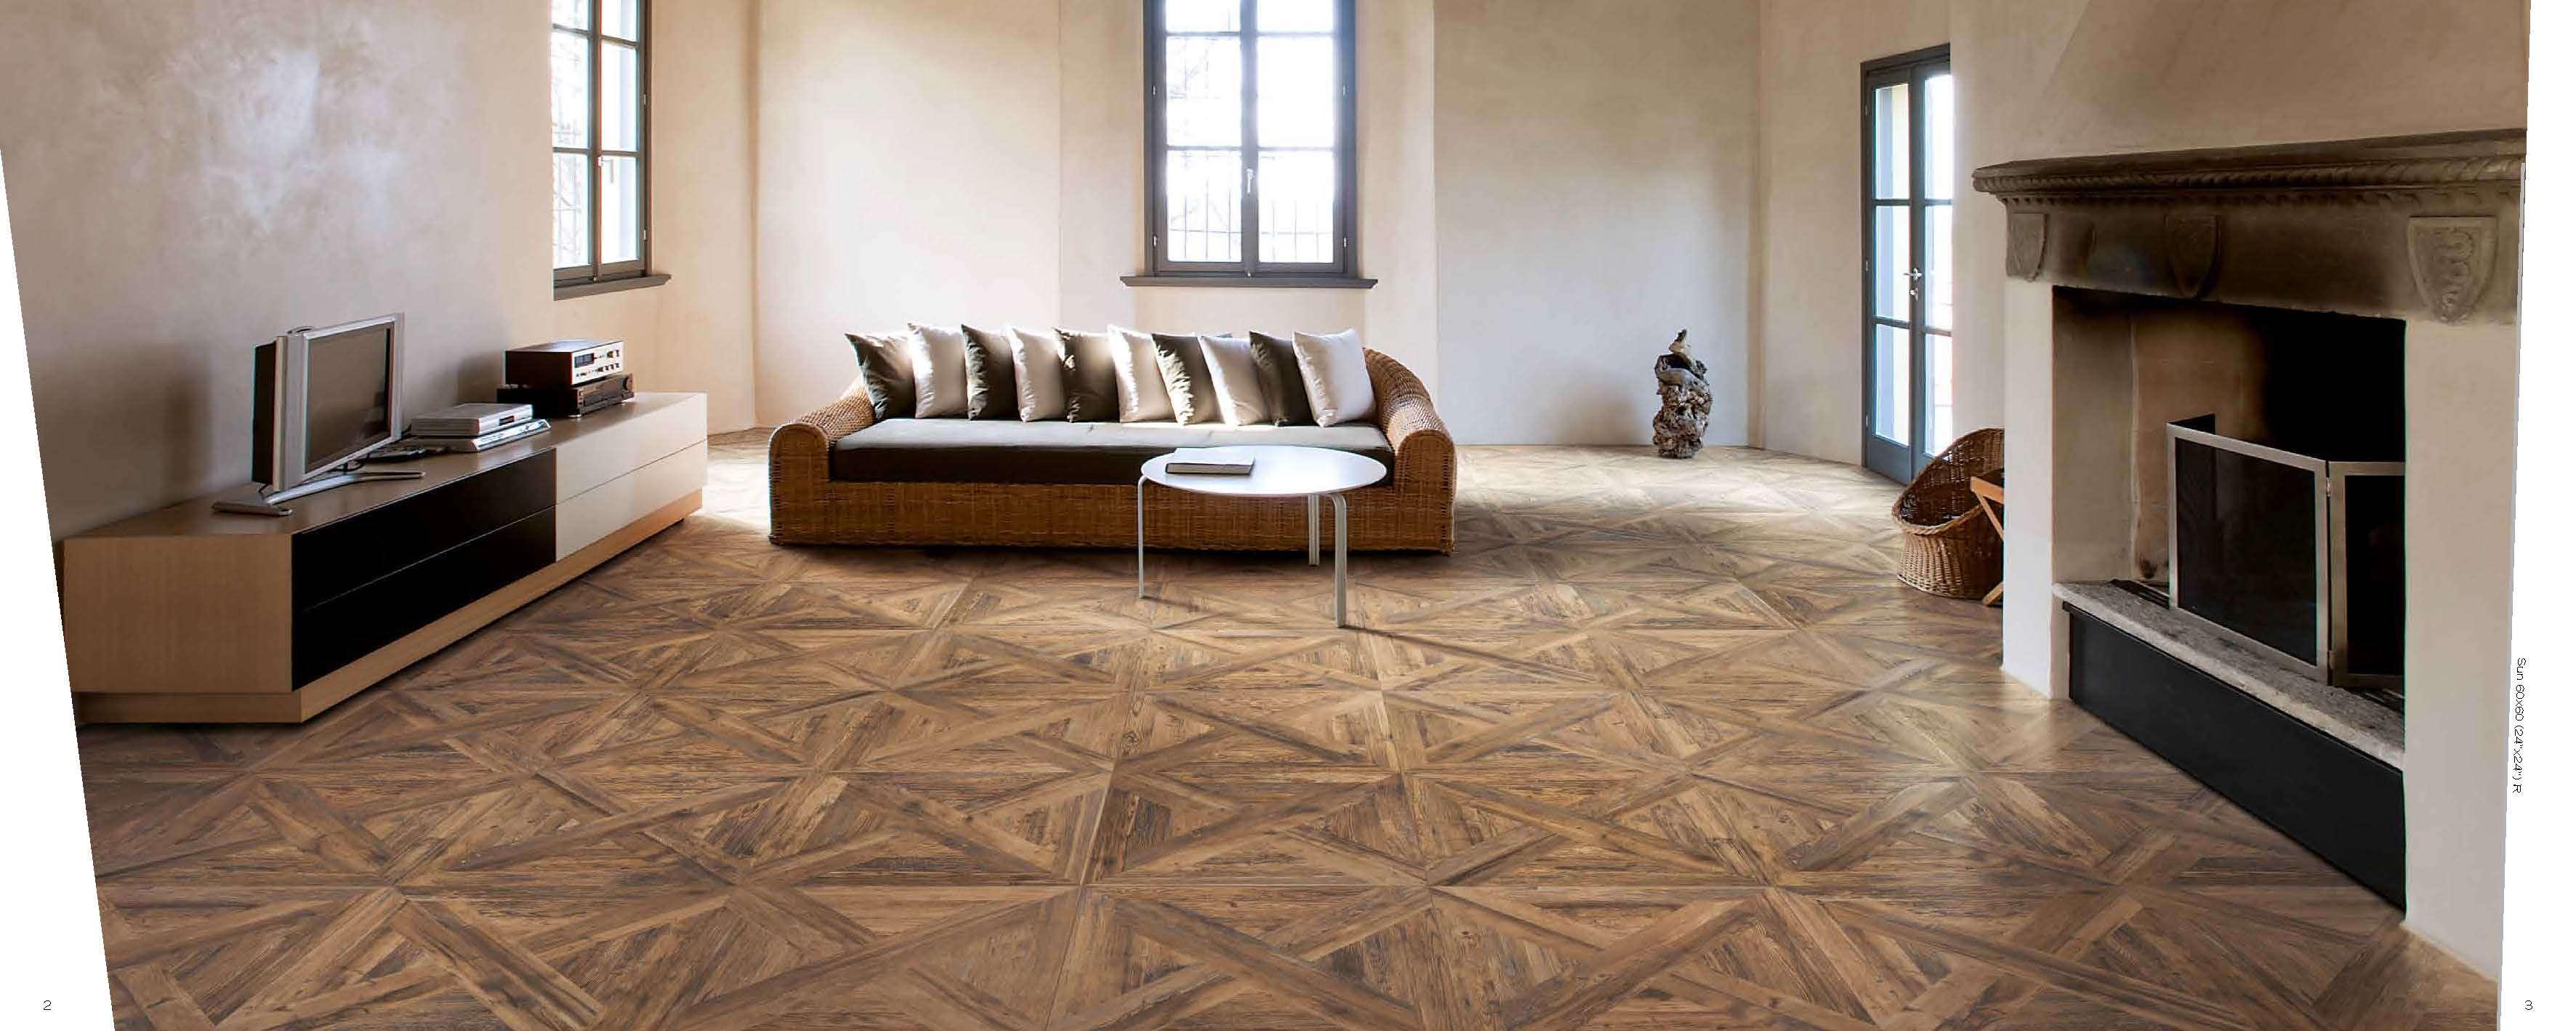 Tile Wood Floors Mix Flooring Floor Layout